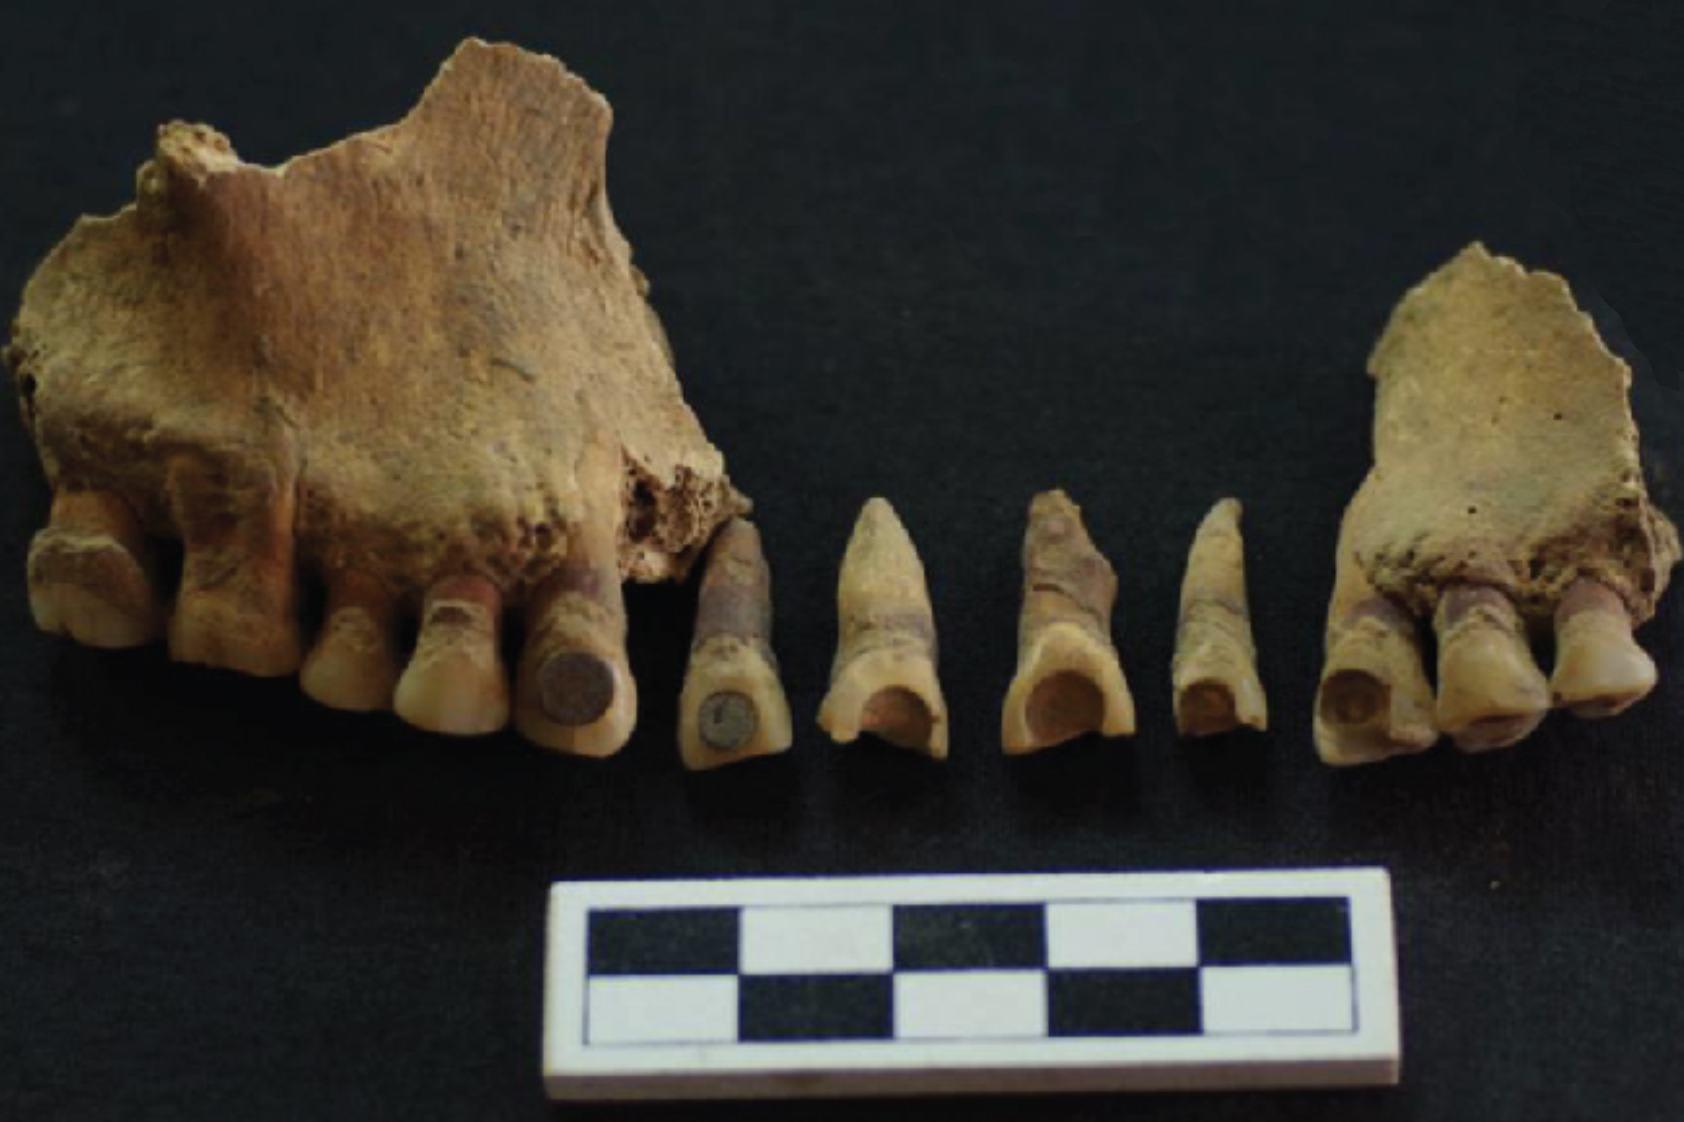 El enigma de las incrustaciones dentales mayas: cuando la Química  ayuda a la Arqueología